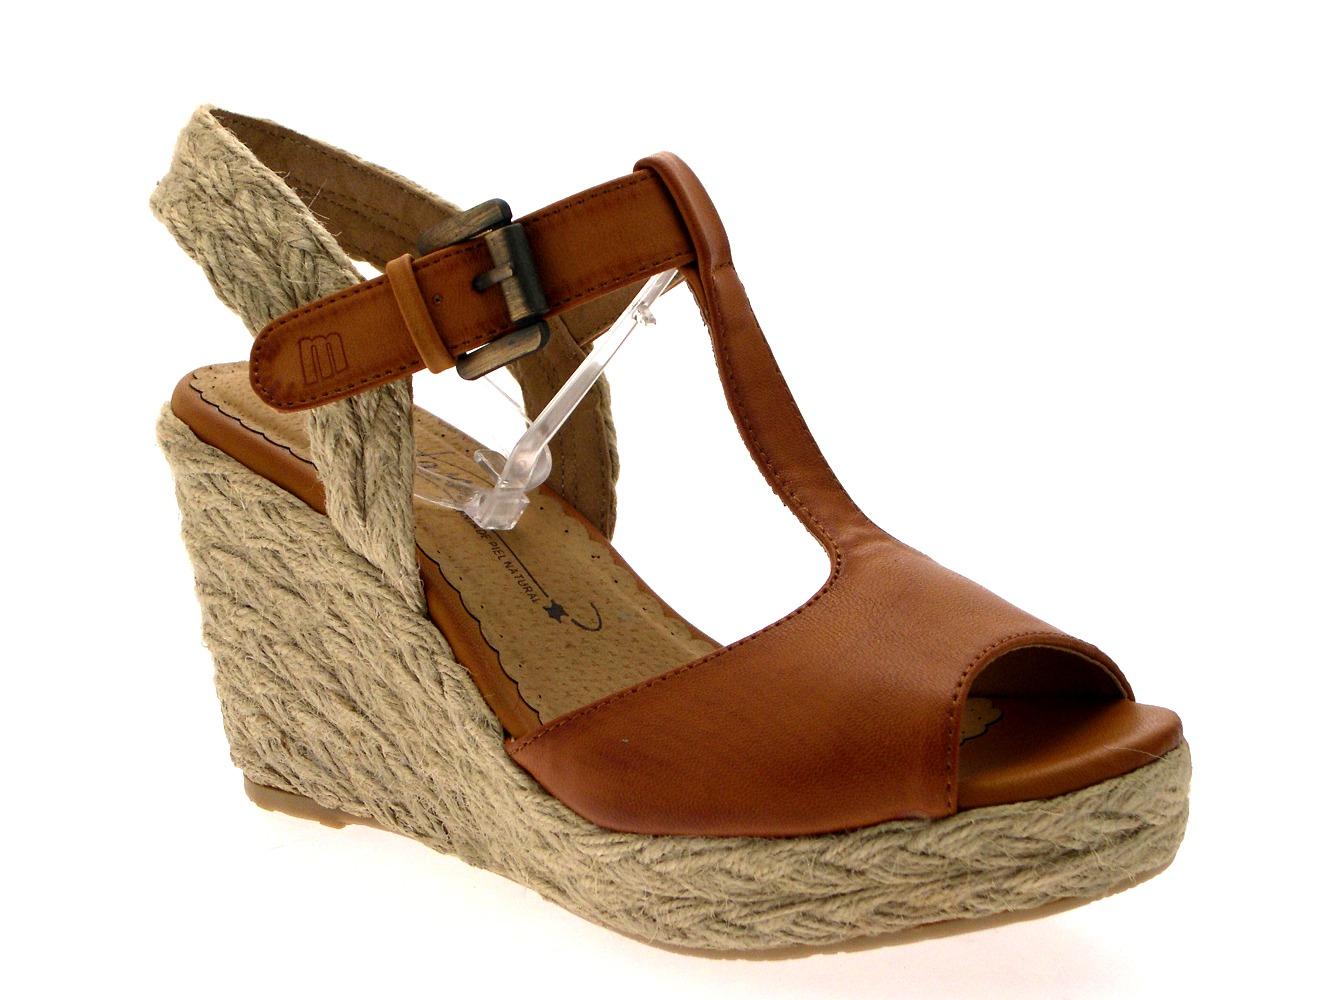 Dansko Shoes Eugene Oregon